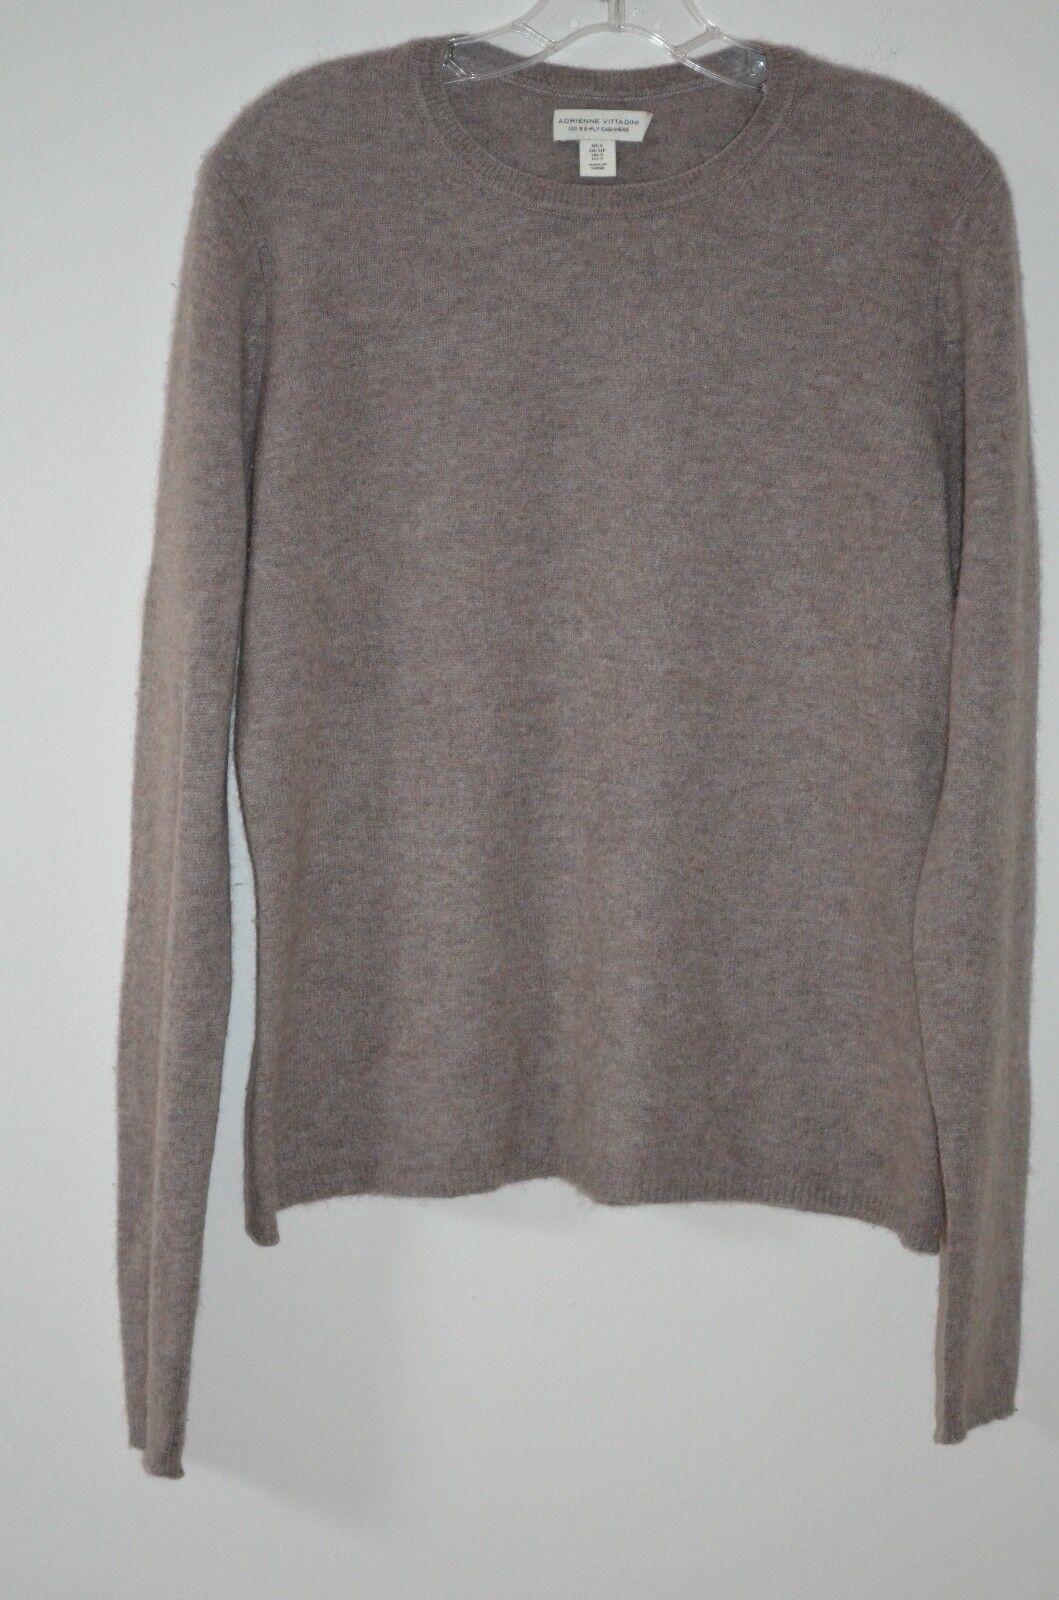 Adrienne Vittadini Beige 100% Cashmere Scoop Neck Lange Sleeve Sweater Größe S